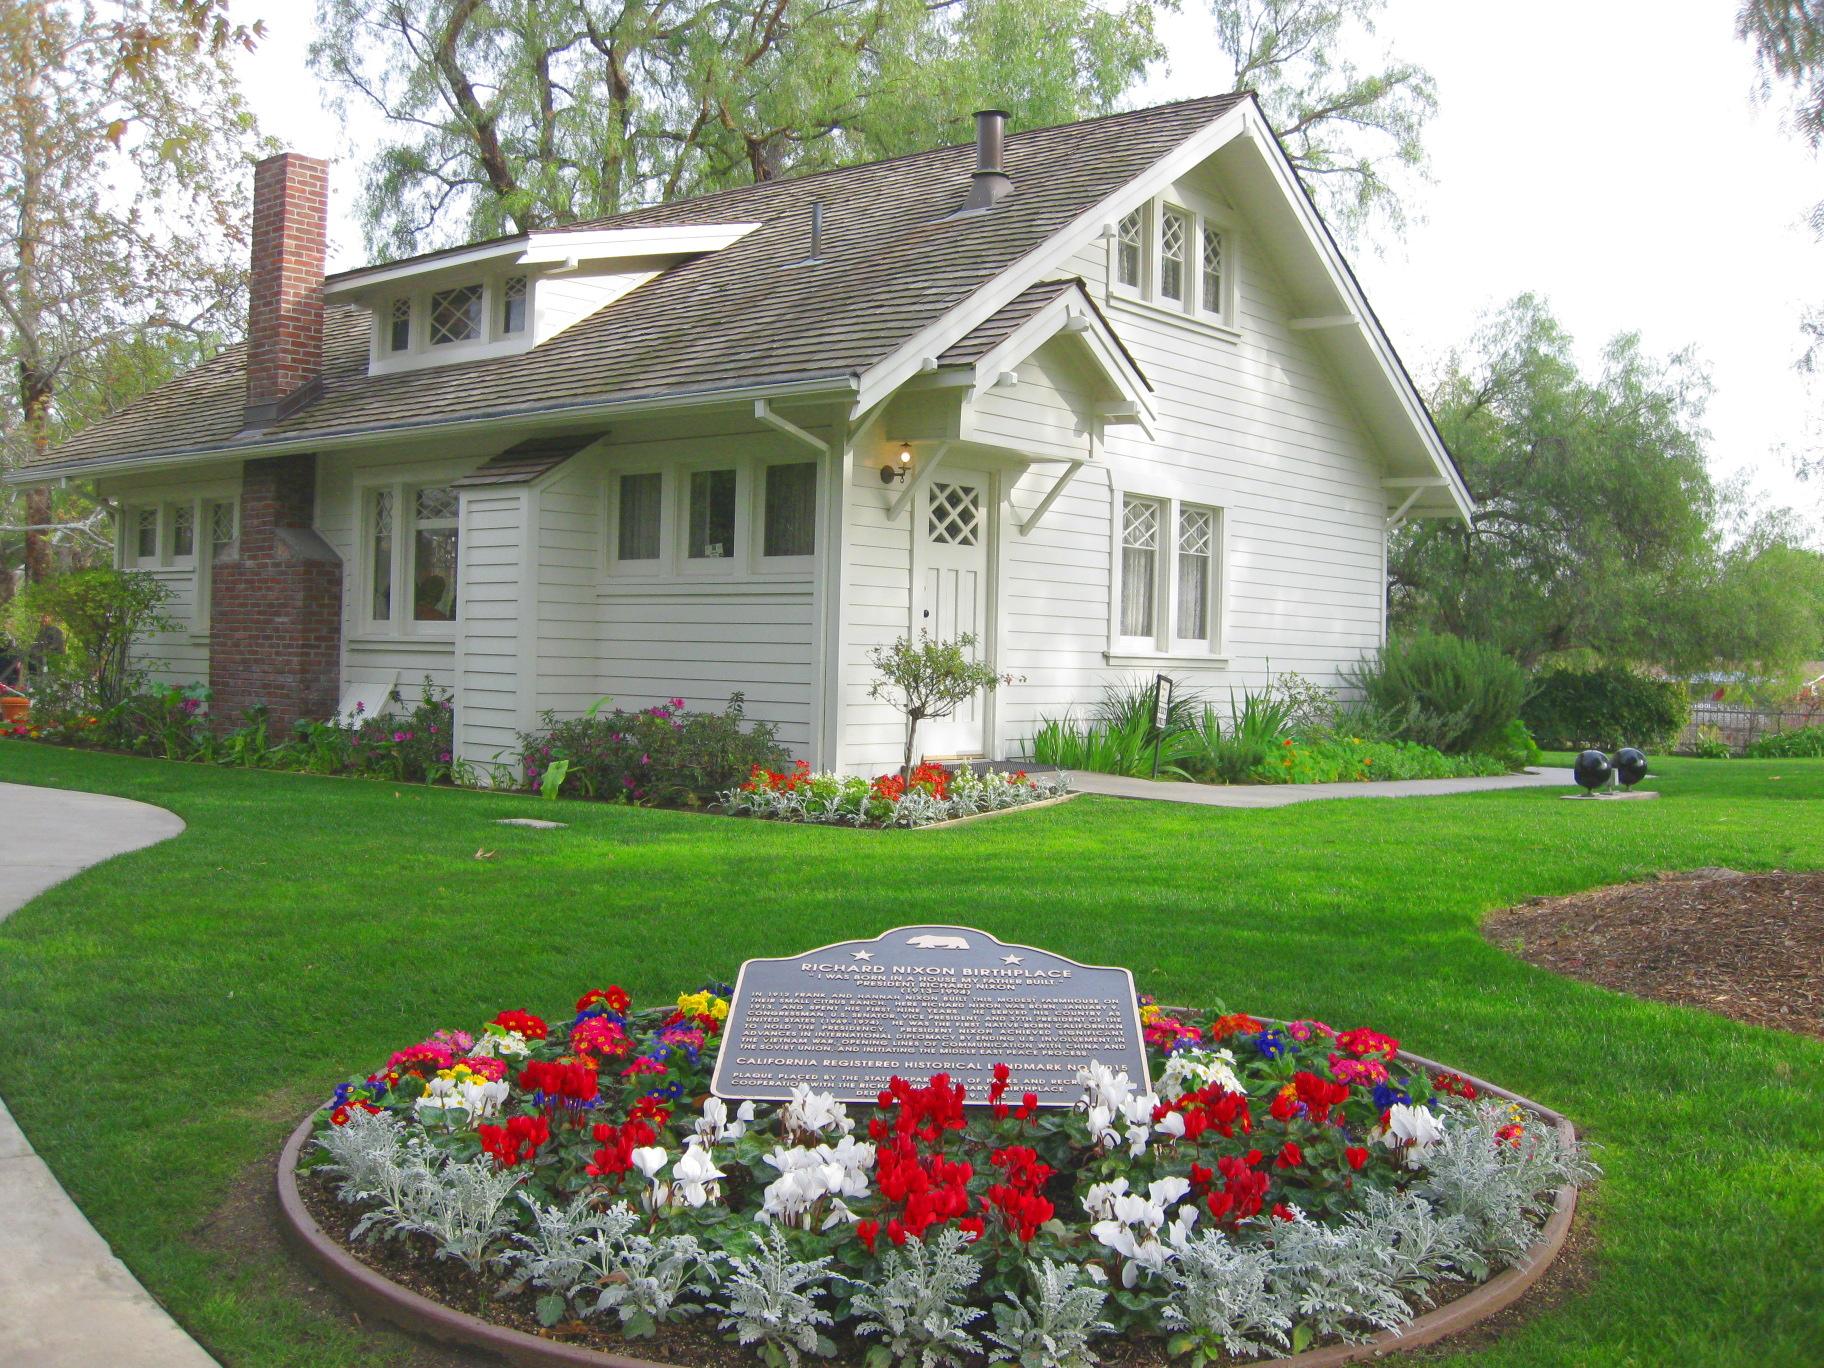 Birthplace of Richard Nixon - Wikipedia